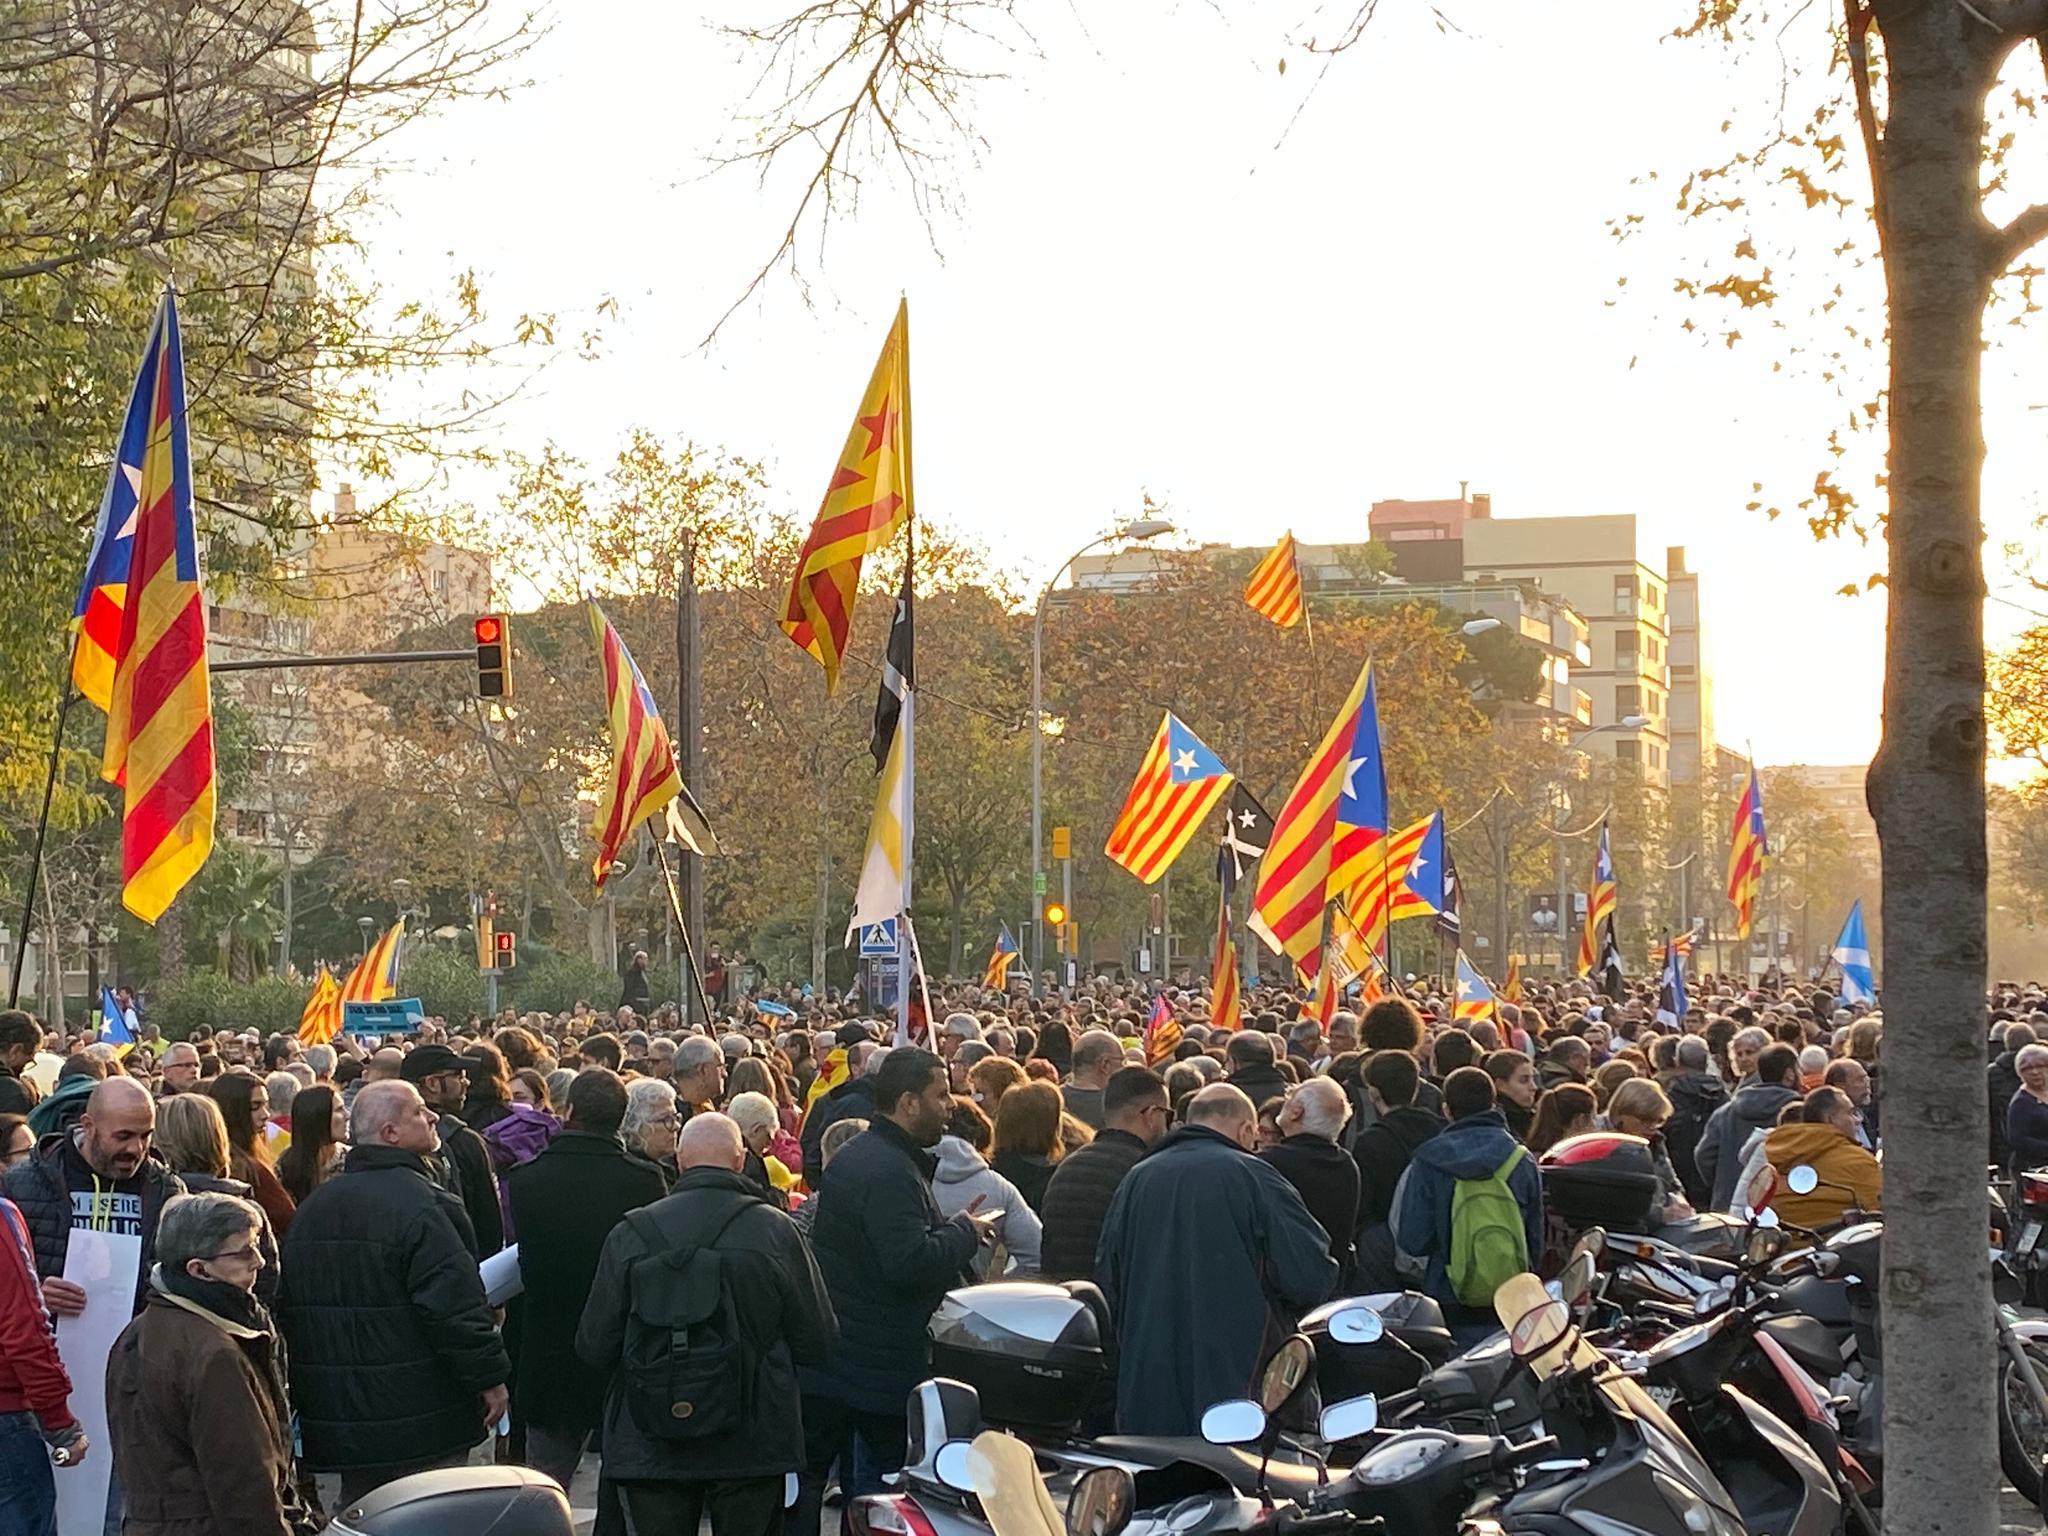 Barcelona vs Real Madrid: Última hora de los disturbios y cargas policiales en Barcelona tras el Clásico, en directo